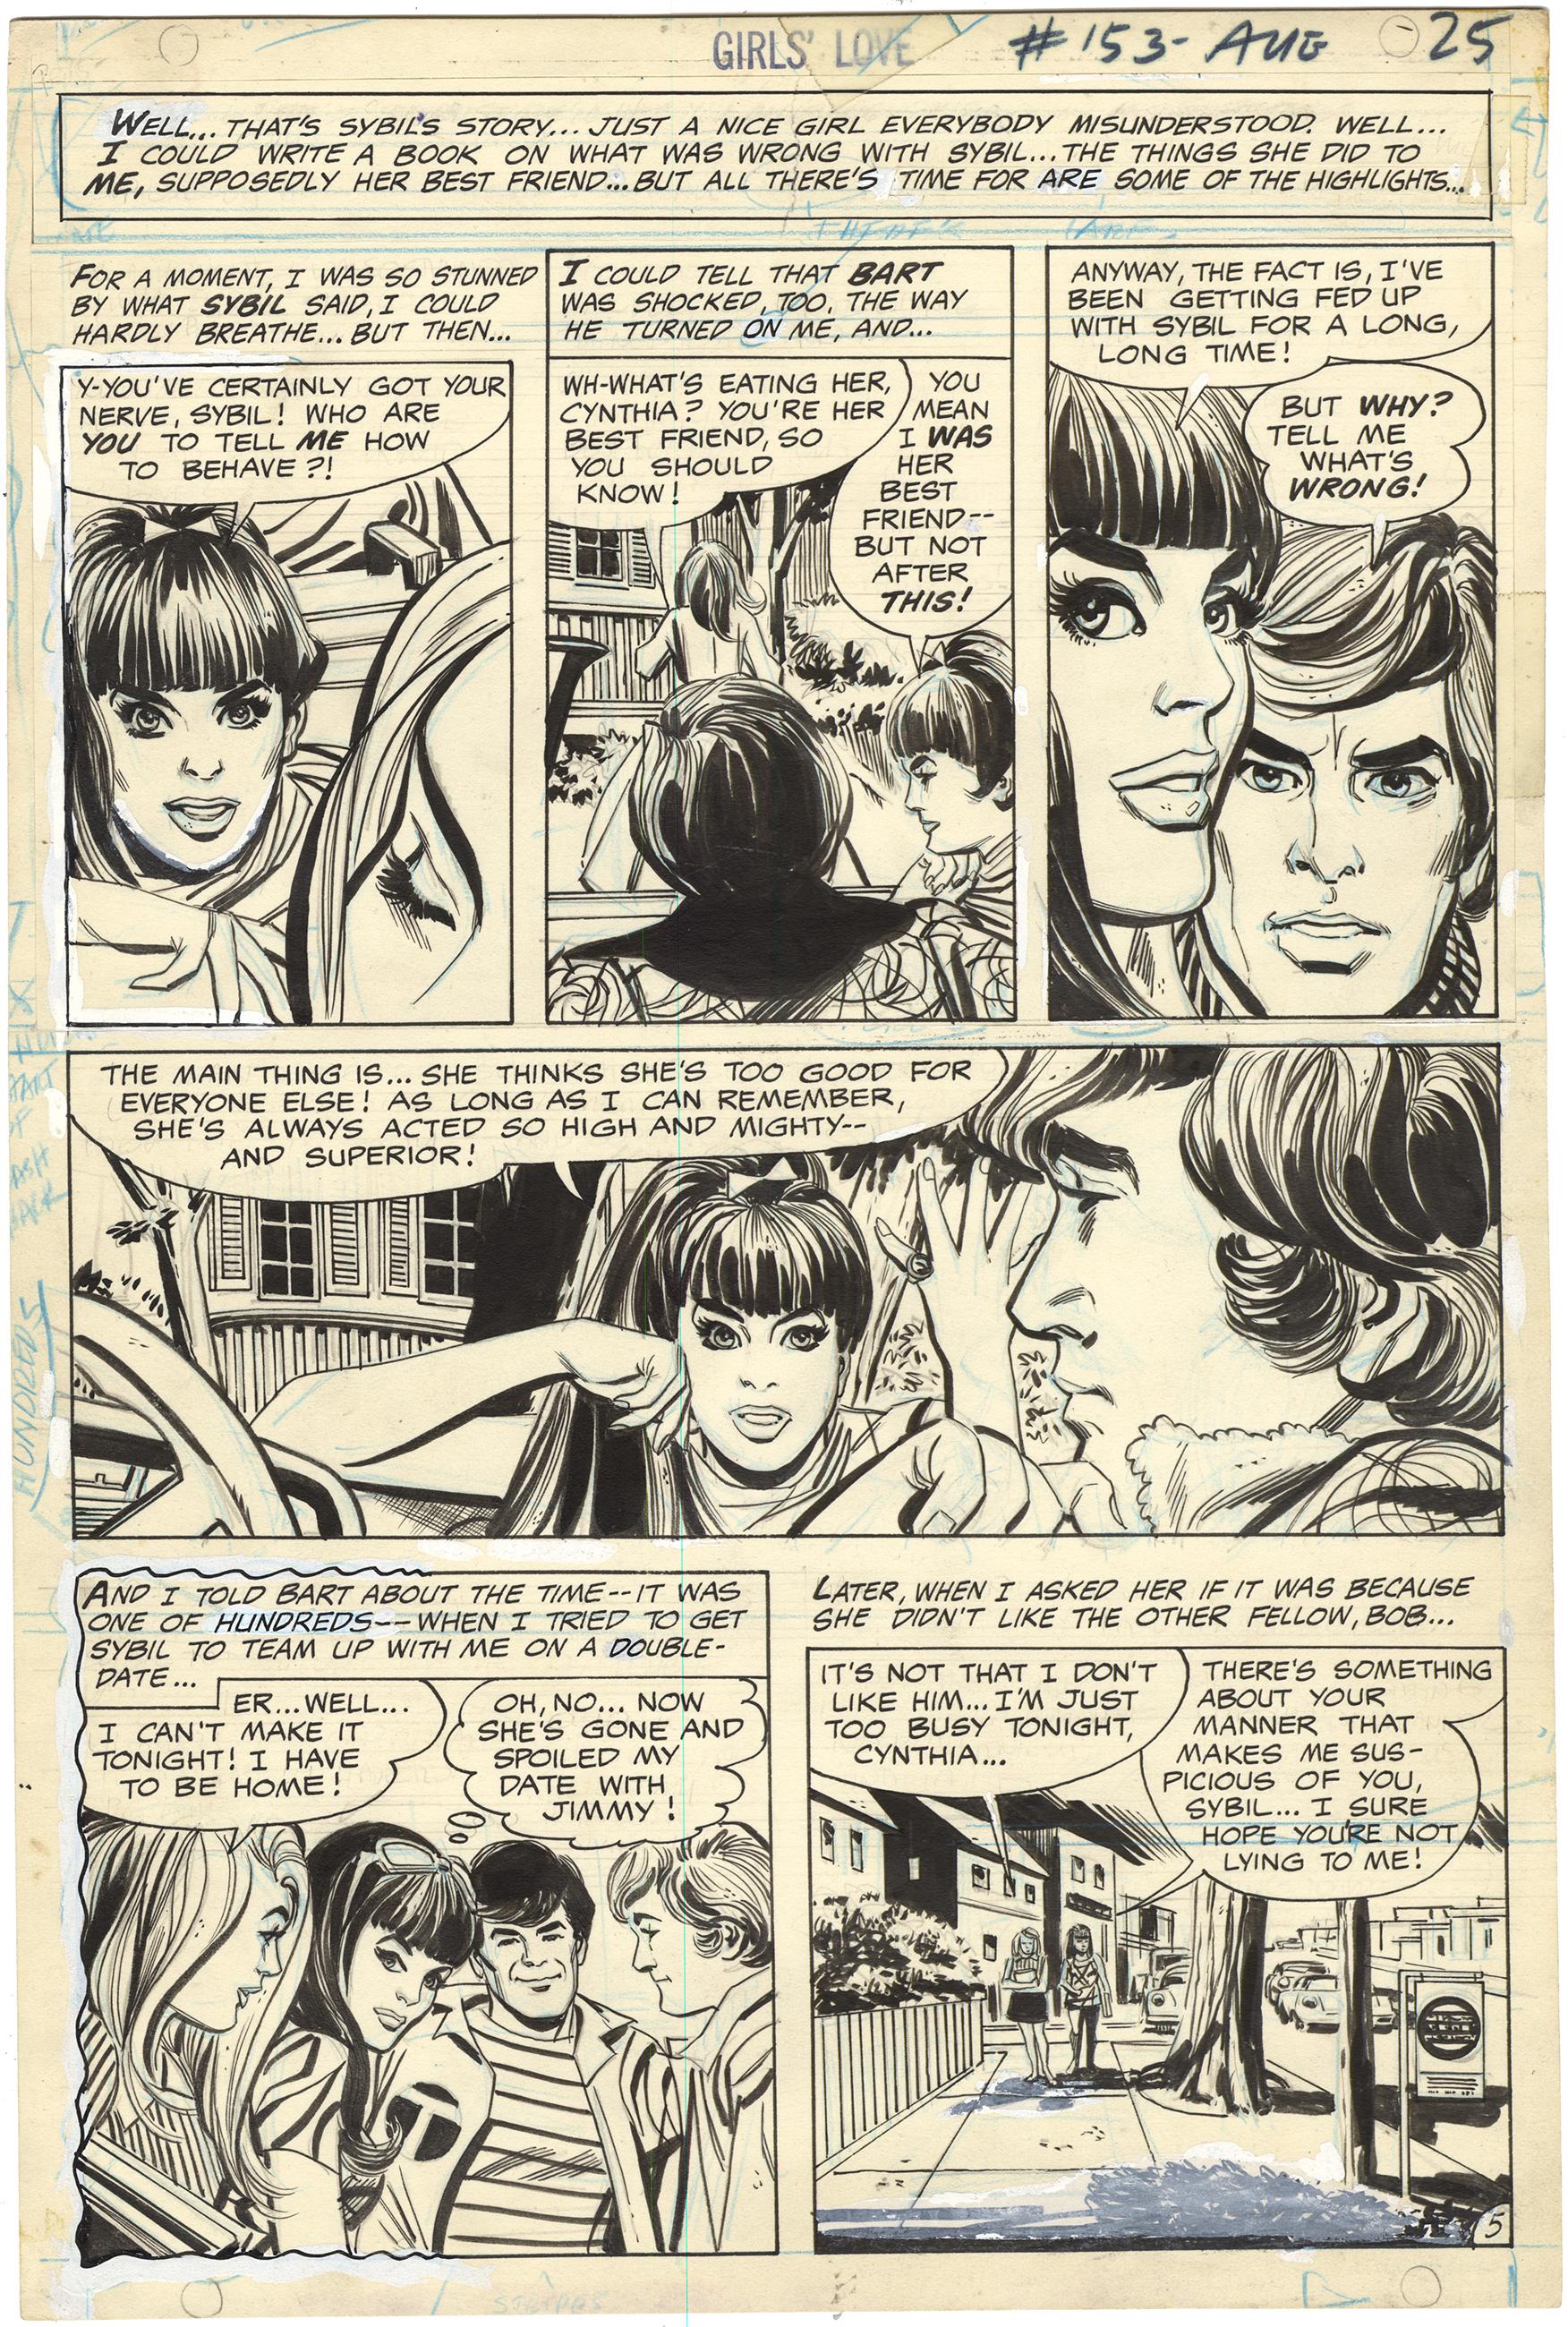 Girls' Love #153 p53